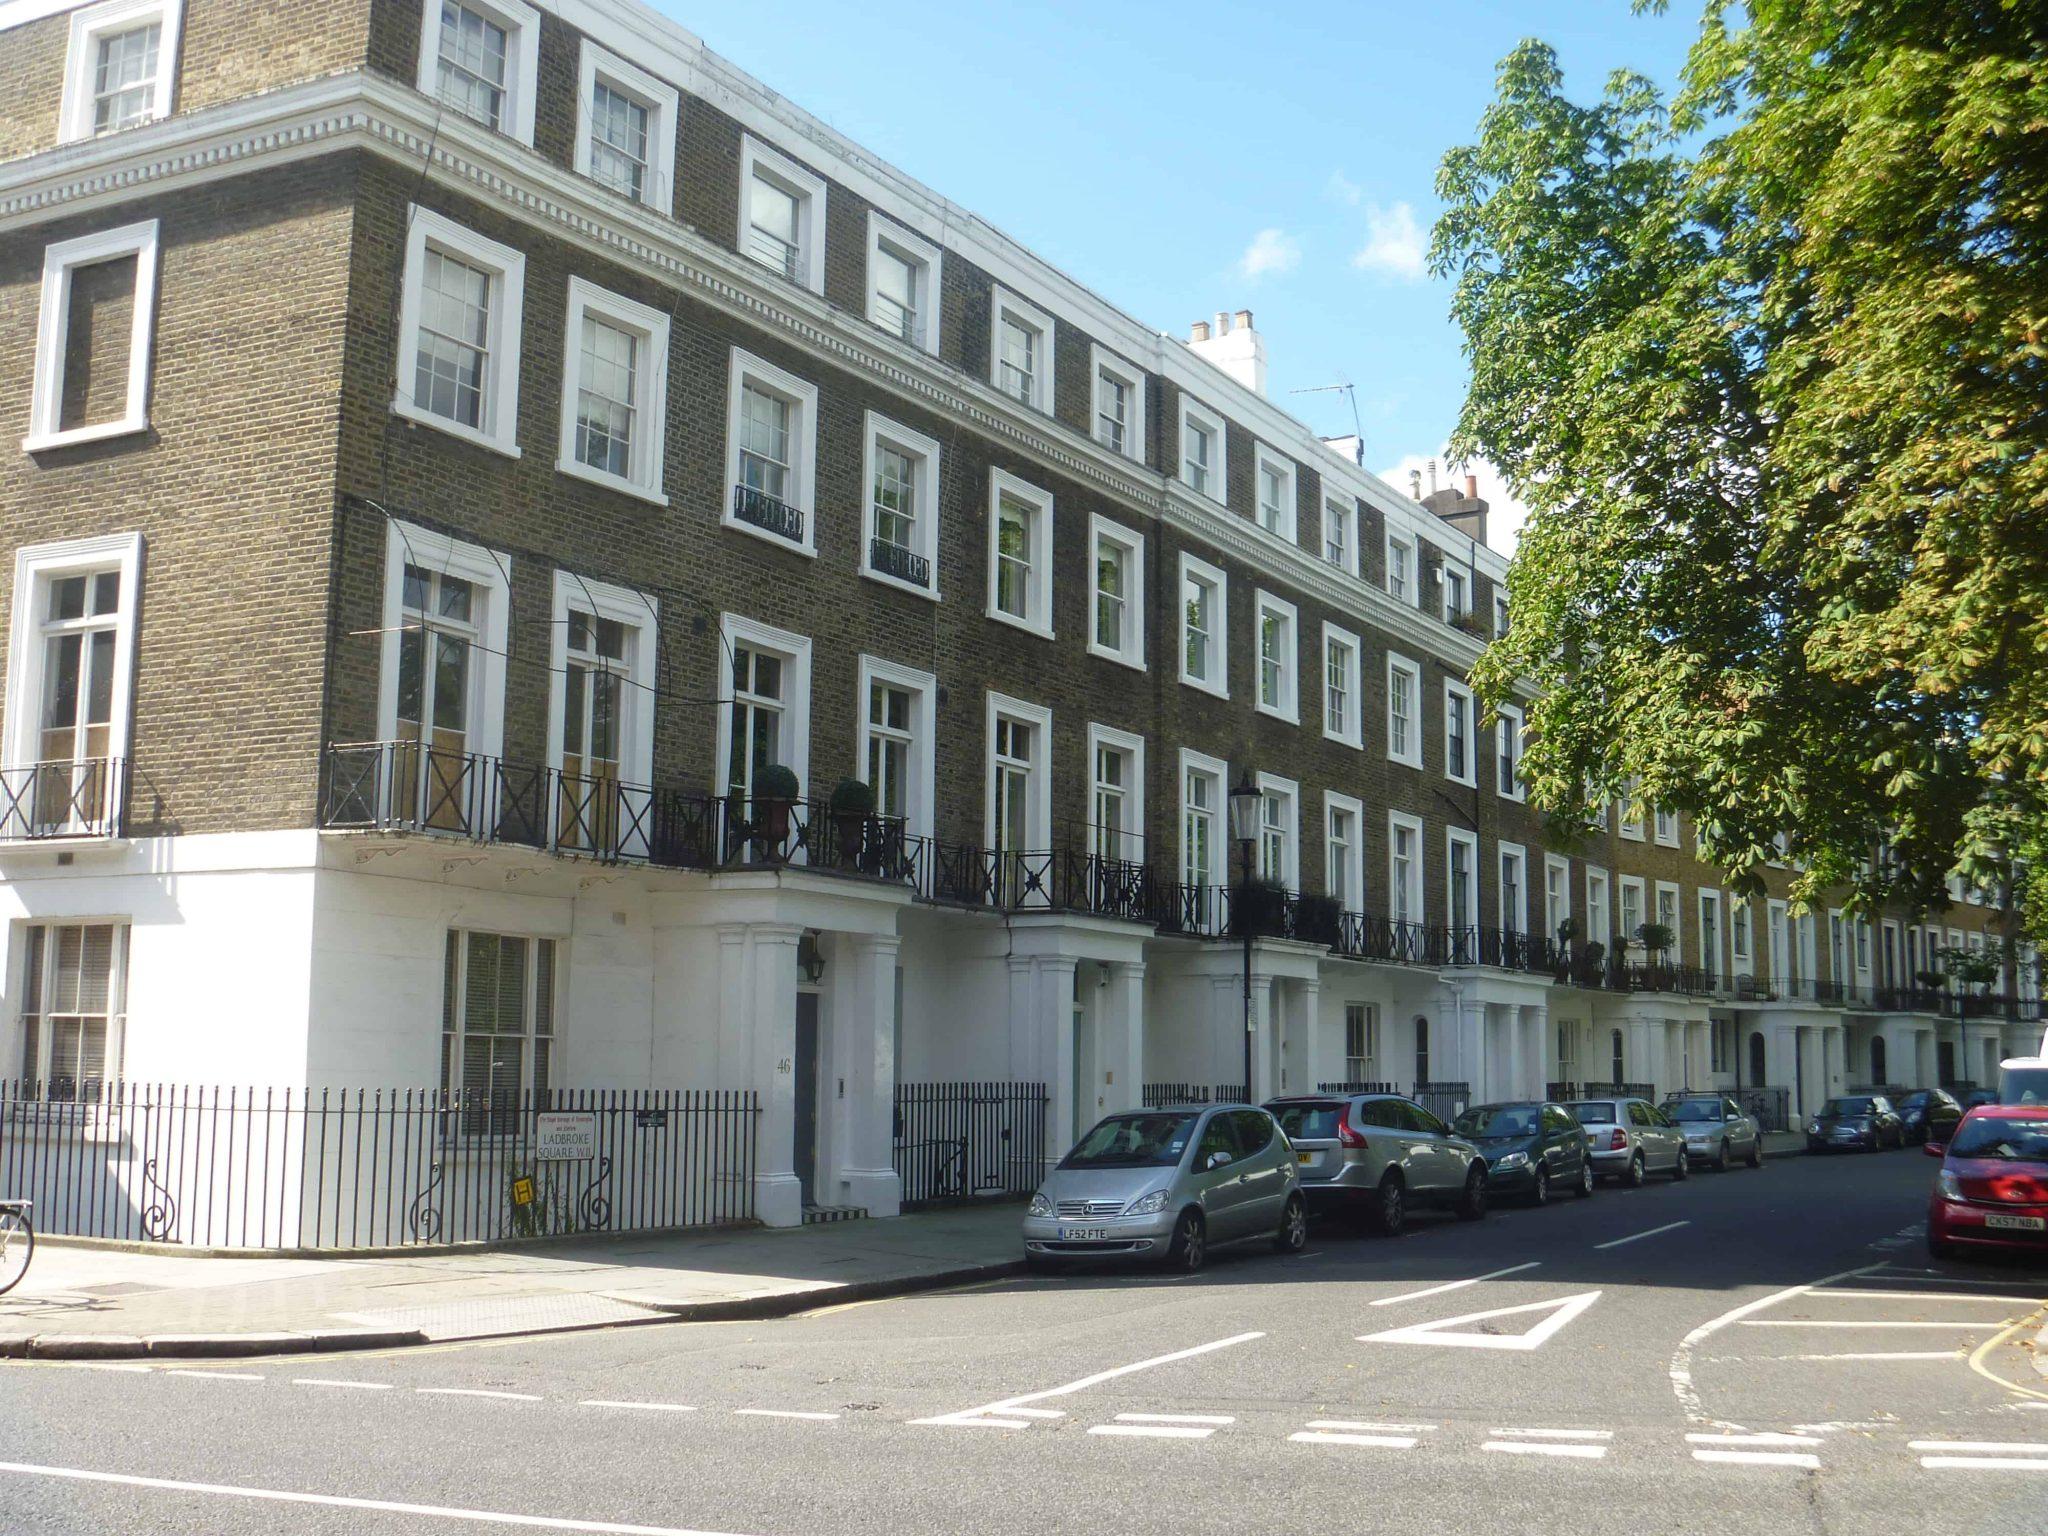 Prédios de Notting Hill